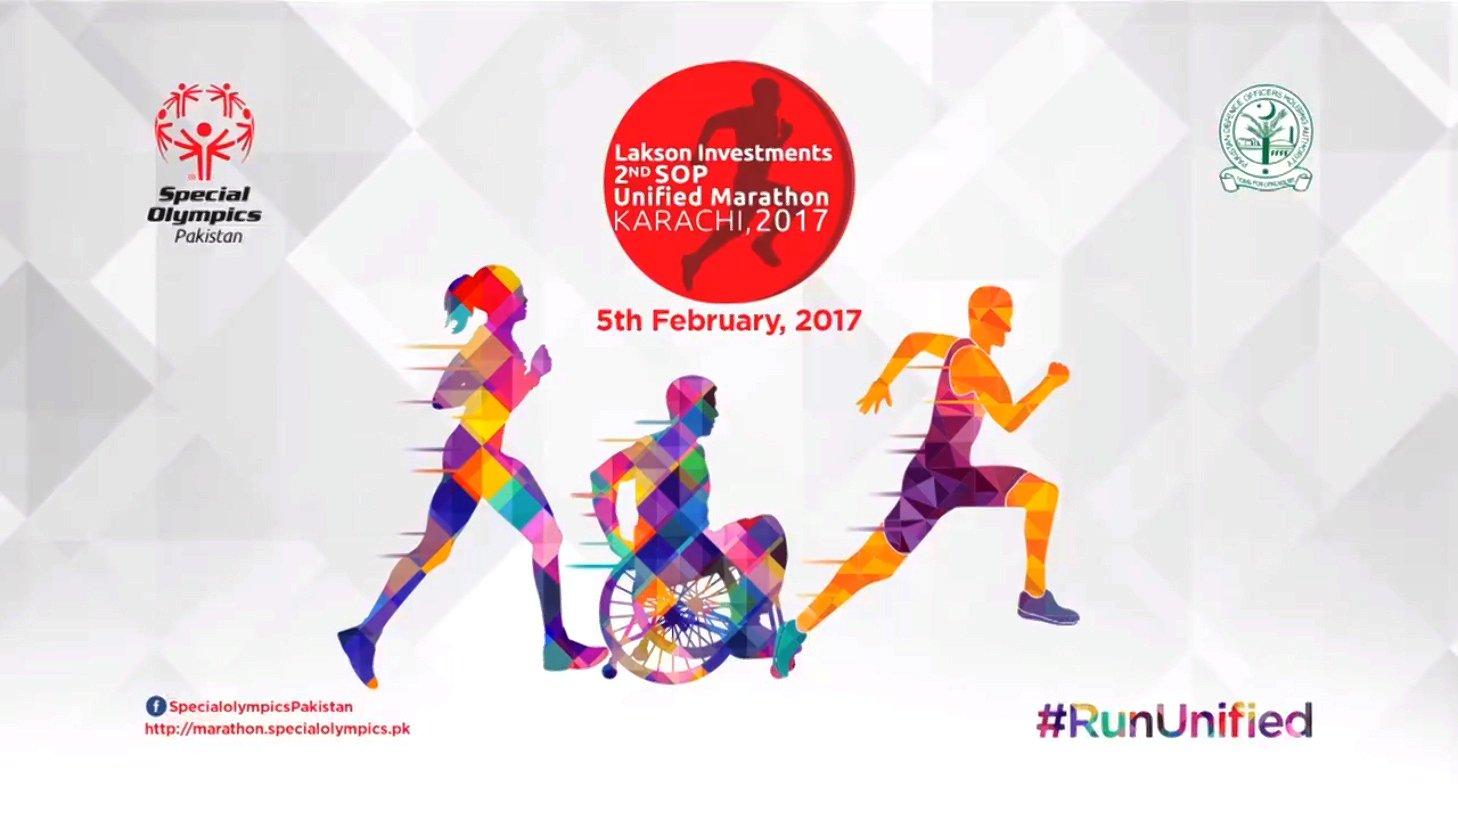 lakson investments second sop unified marathon 2017